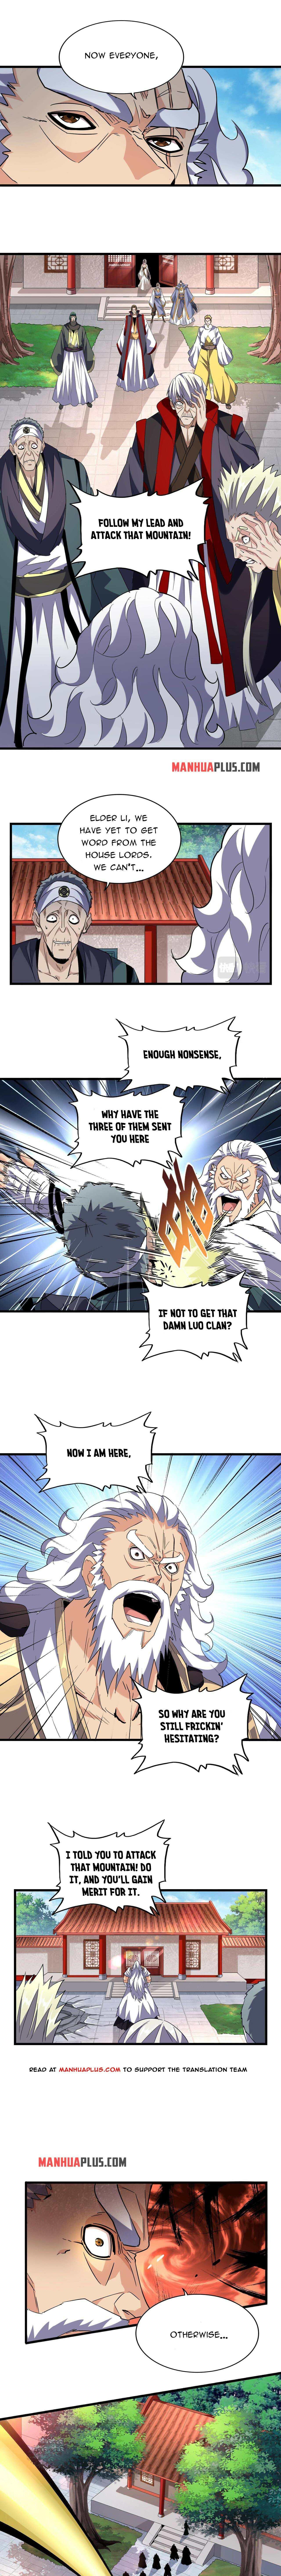 Magic Emperor Chapter 224 page 3 - Mangakakalots.com